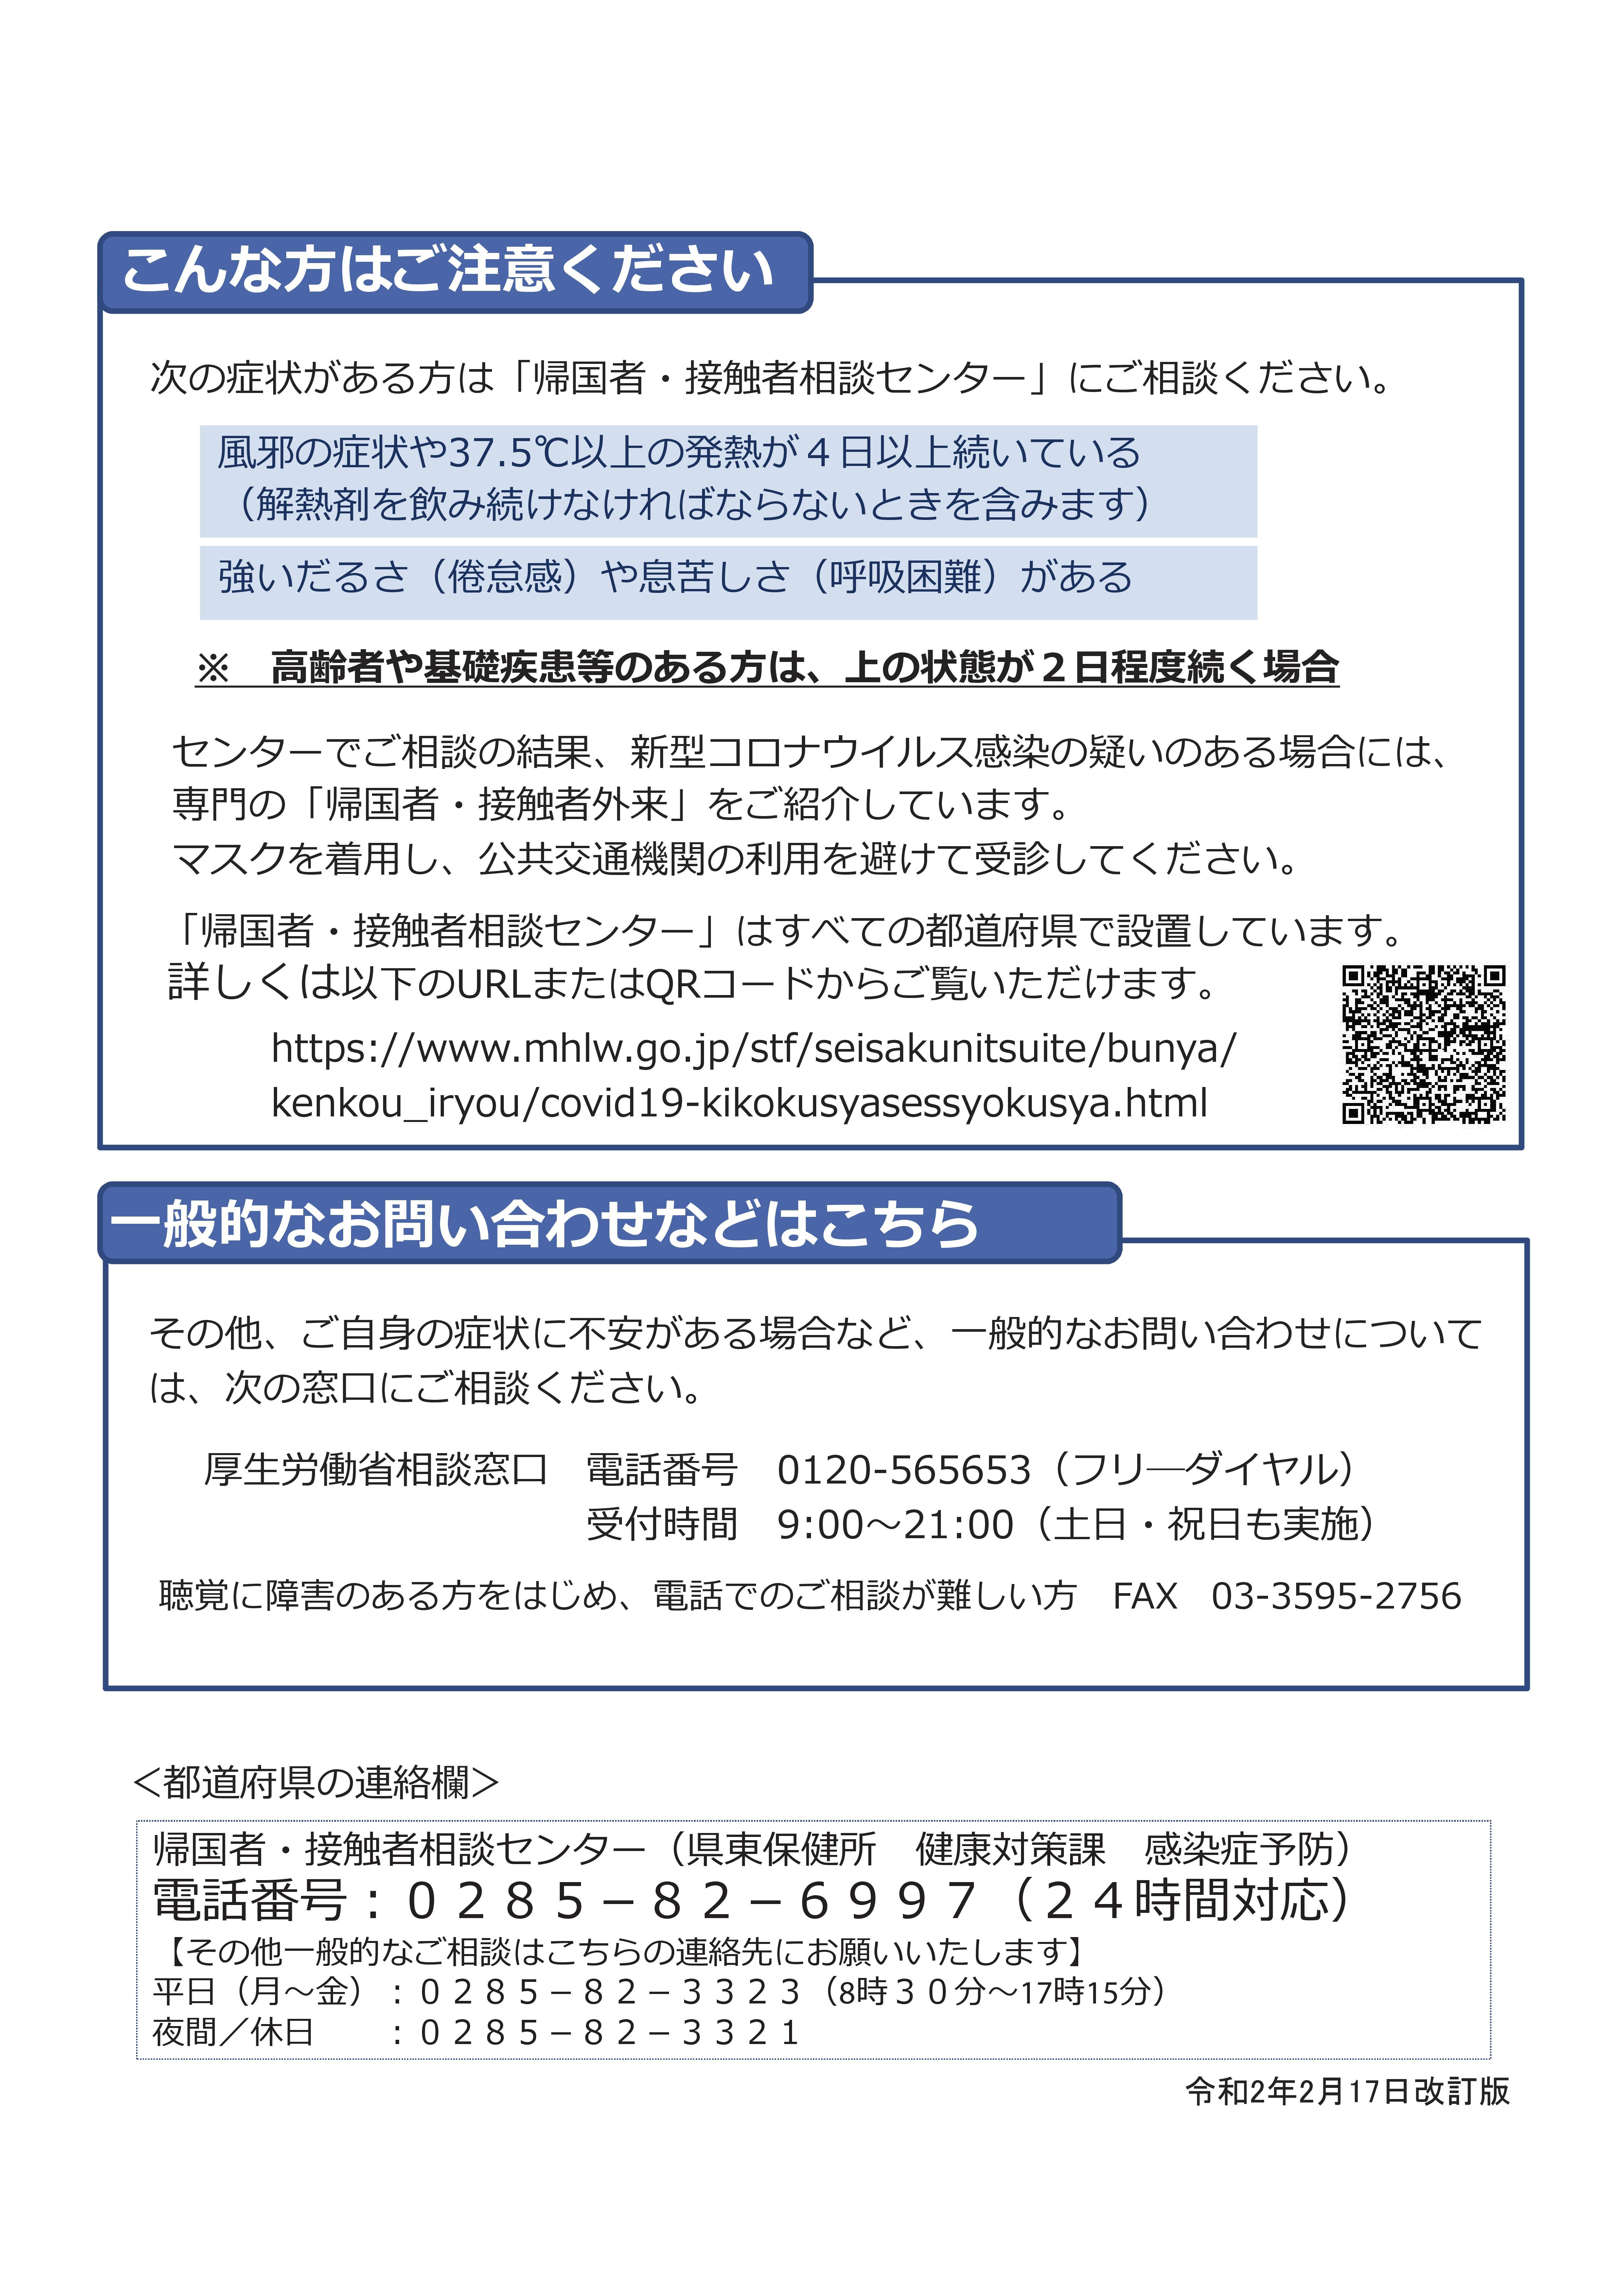 芳賀赤十字病院は地域医療支援病院・地域周産期母子医療センター・災害拠点病院・DMAT指定病院・地域がん診療病院・臨床研修指定病院に指定されています。